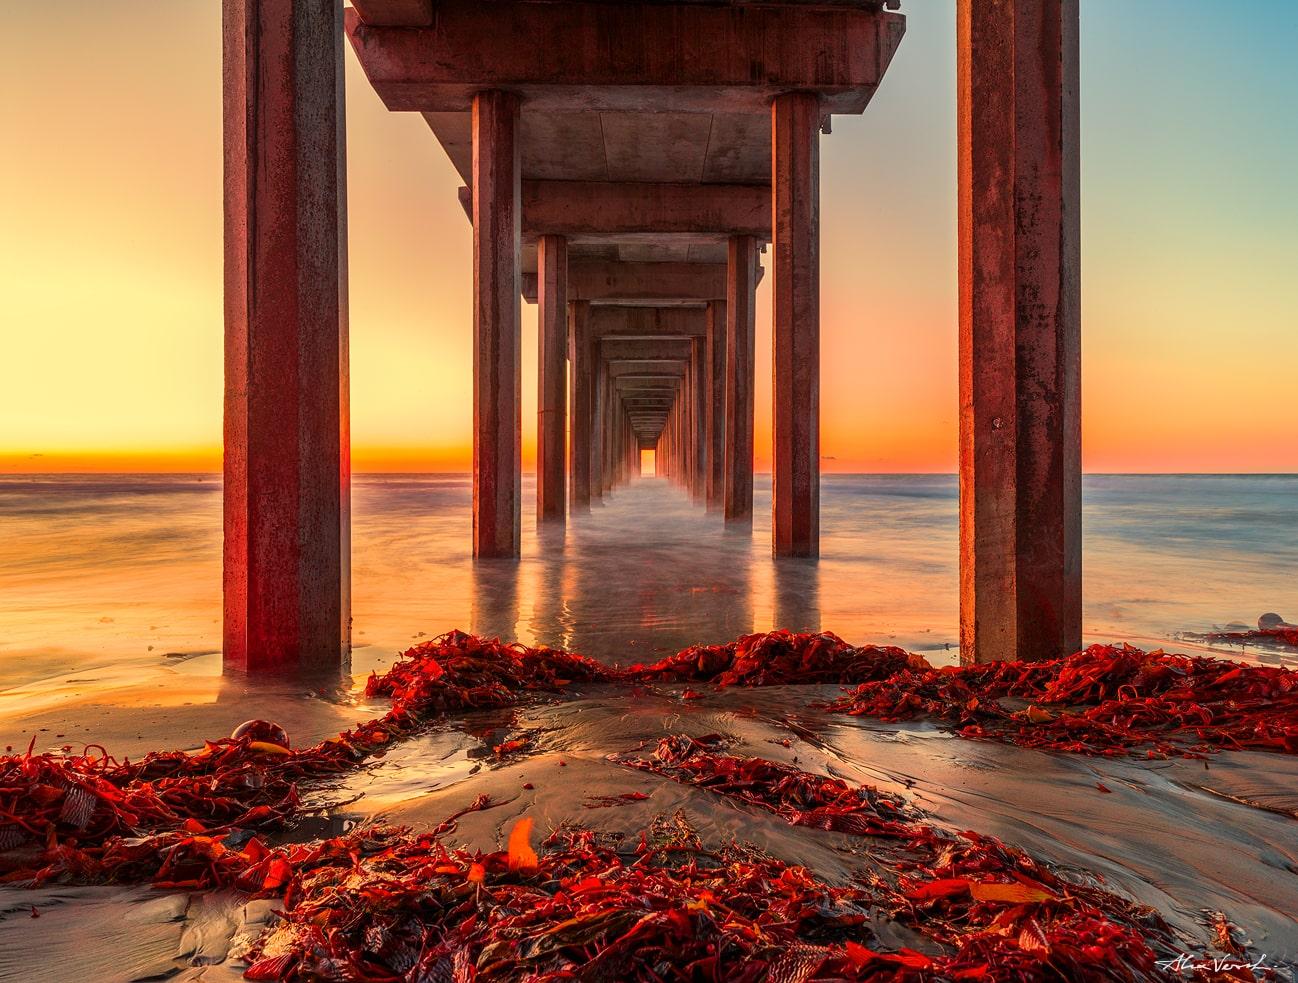 La Jolla Beach Luxury Photography, famous pier, Alexander Vershinin Fine Art, luxury photo